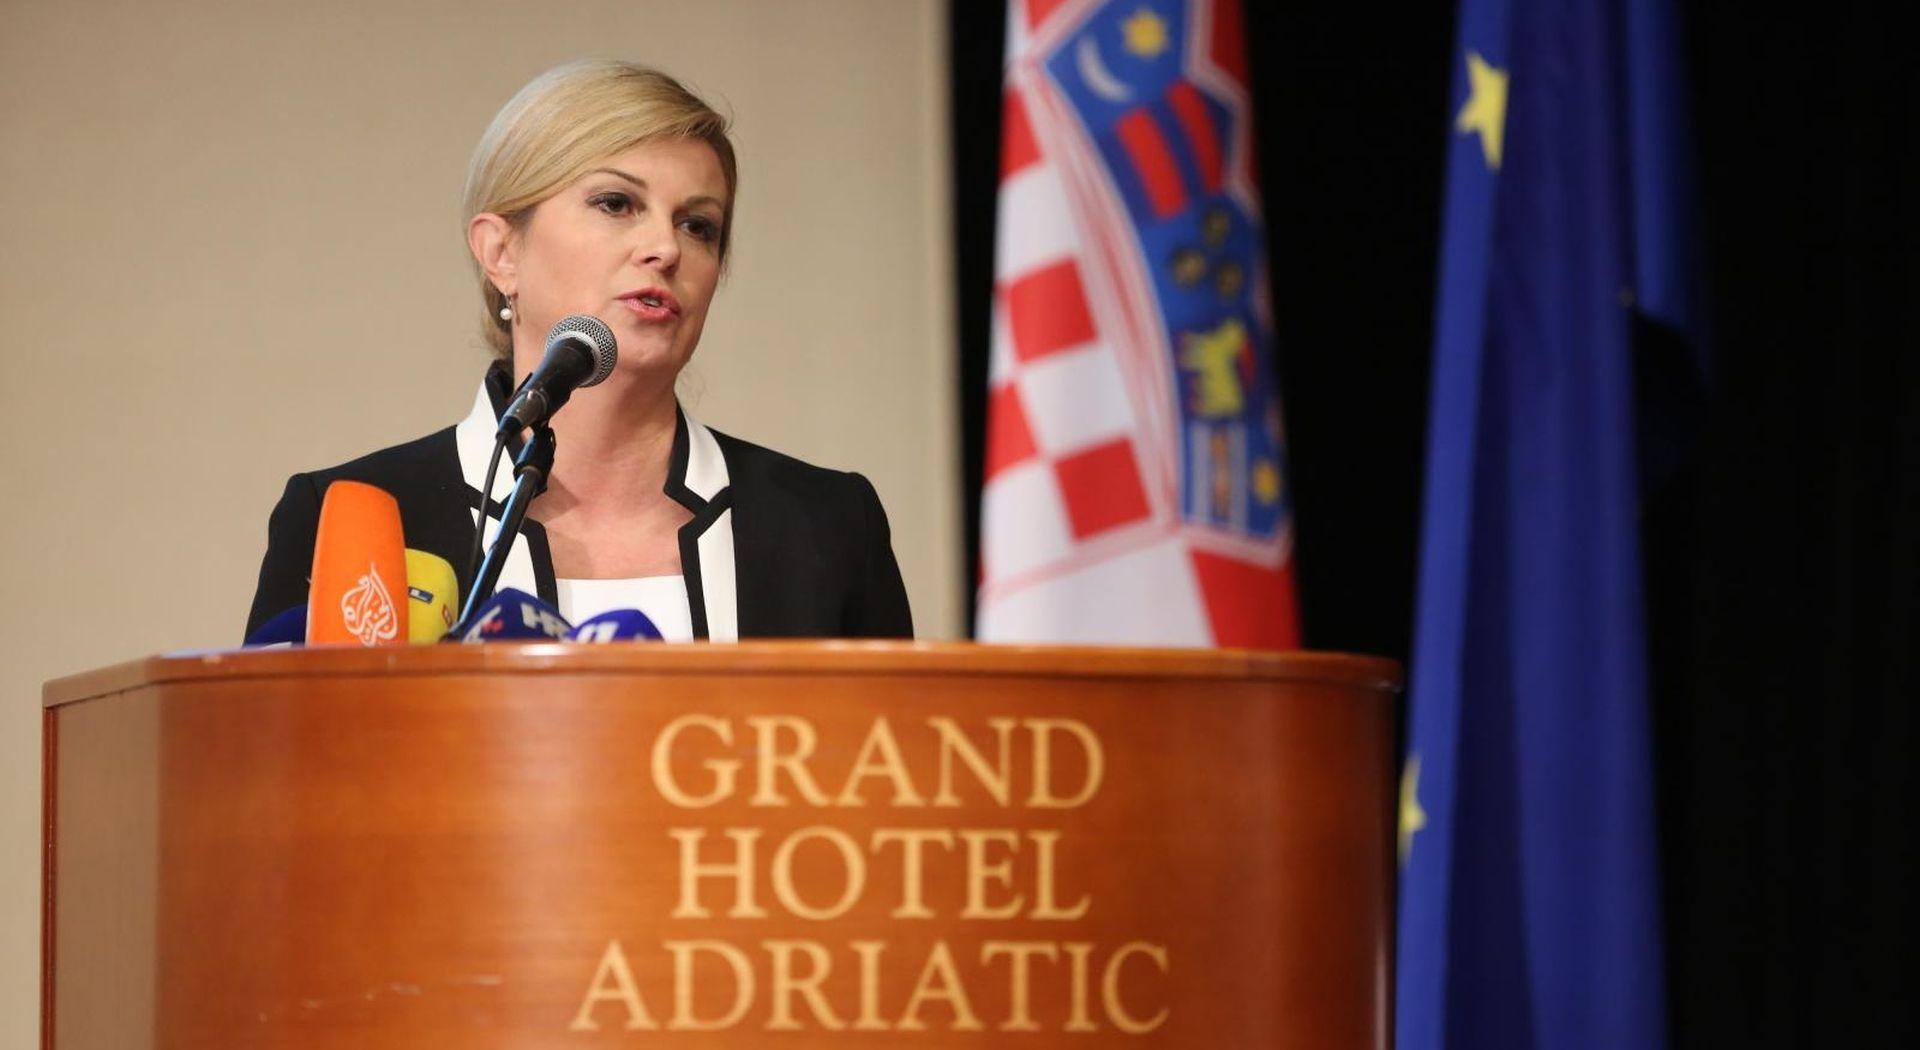 Predsjednica pohvalila Vladine reformske mjere i upozorila na probleme